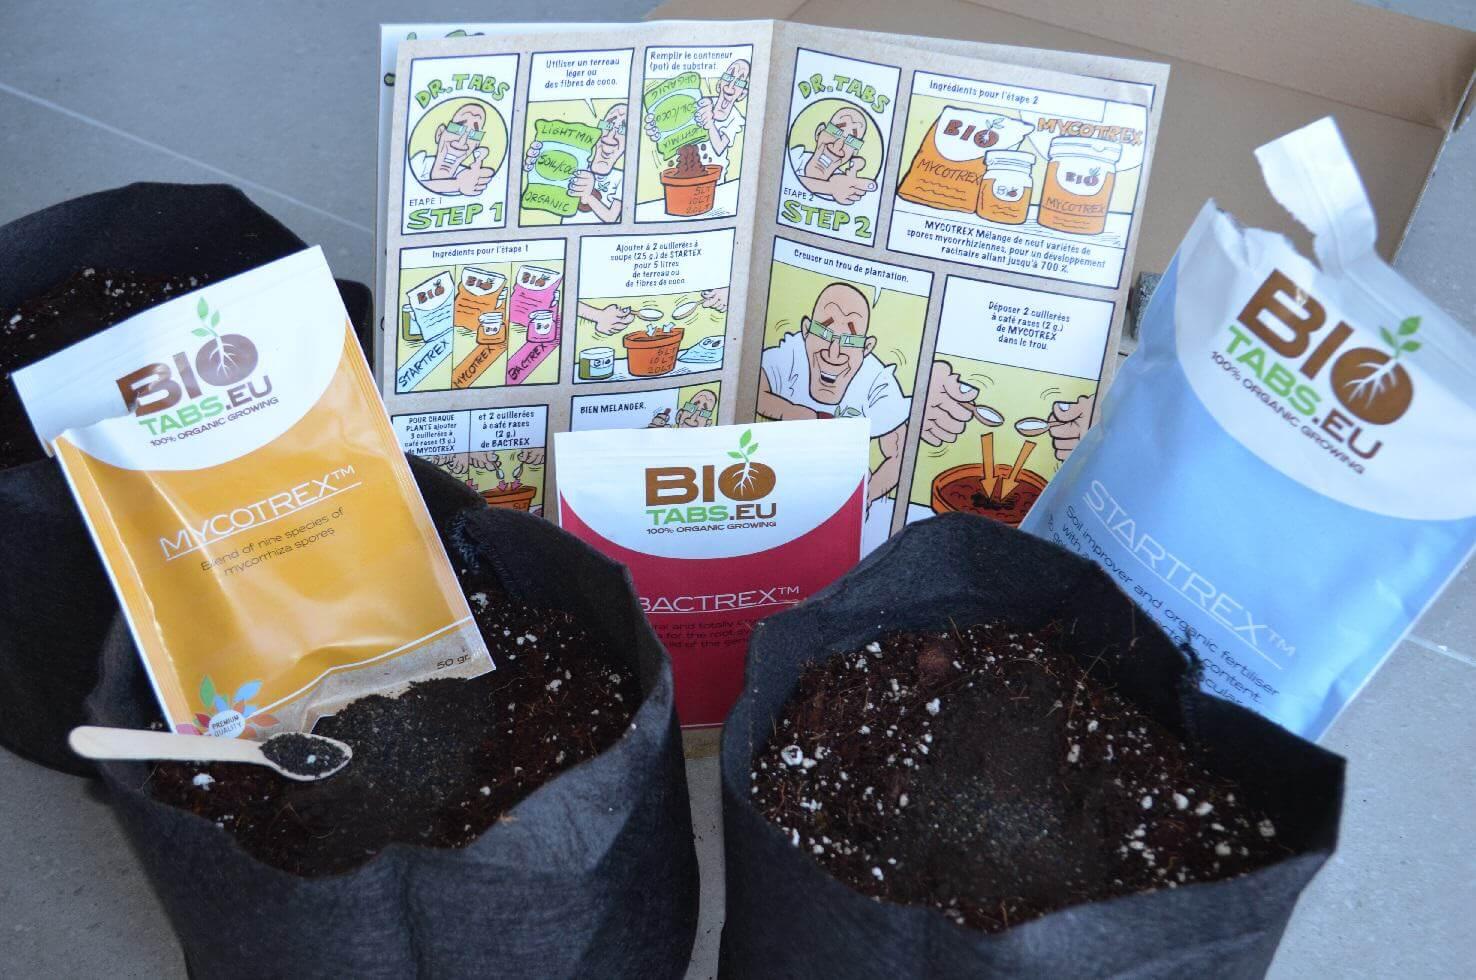 Les smart pots remplis de coco enrichie avec biotabs, prêts à accueillir nos plantes de cannabis